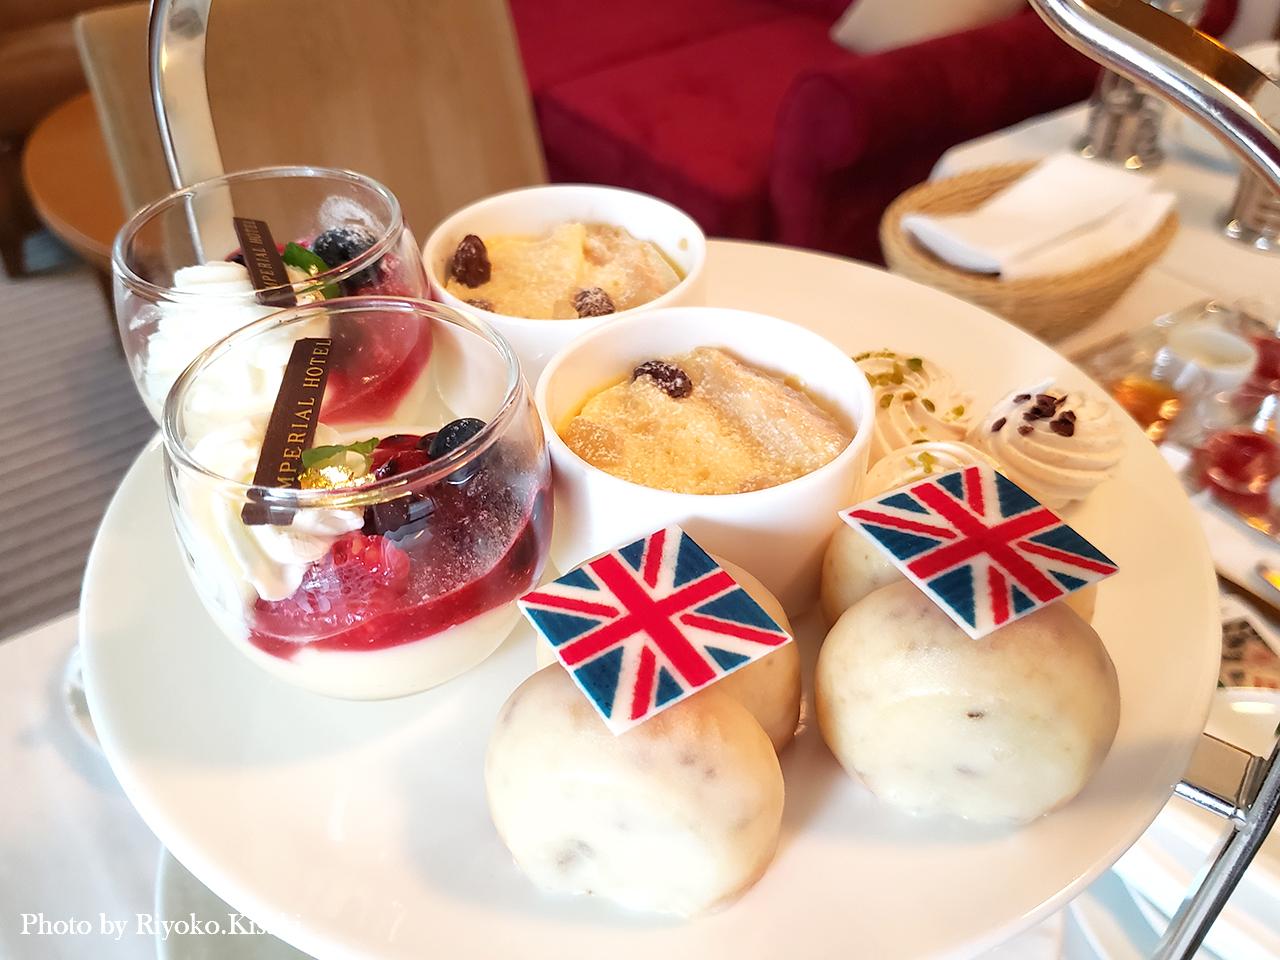 インペリアルラウンジアクアのアフタヌーンティーをお部屋で楽しむ、東京「帝国ホテル」